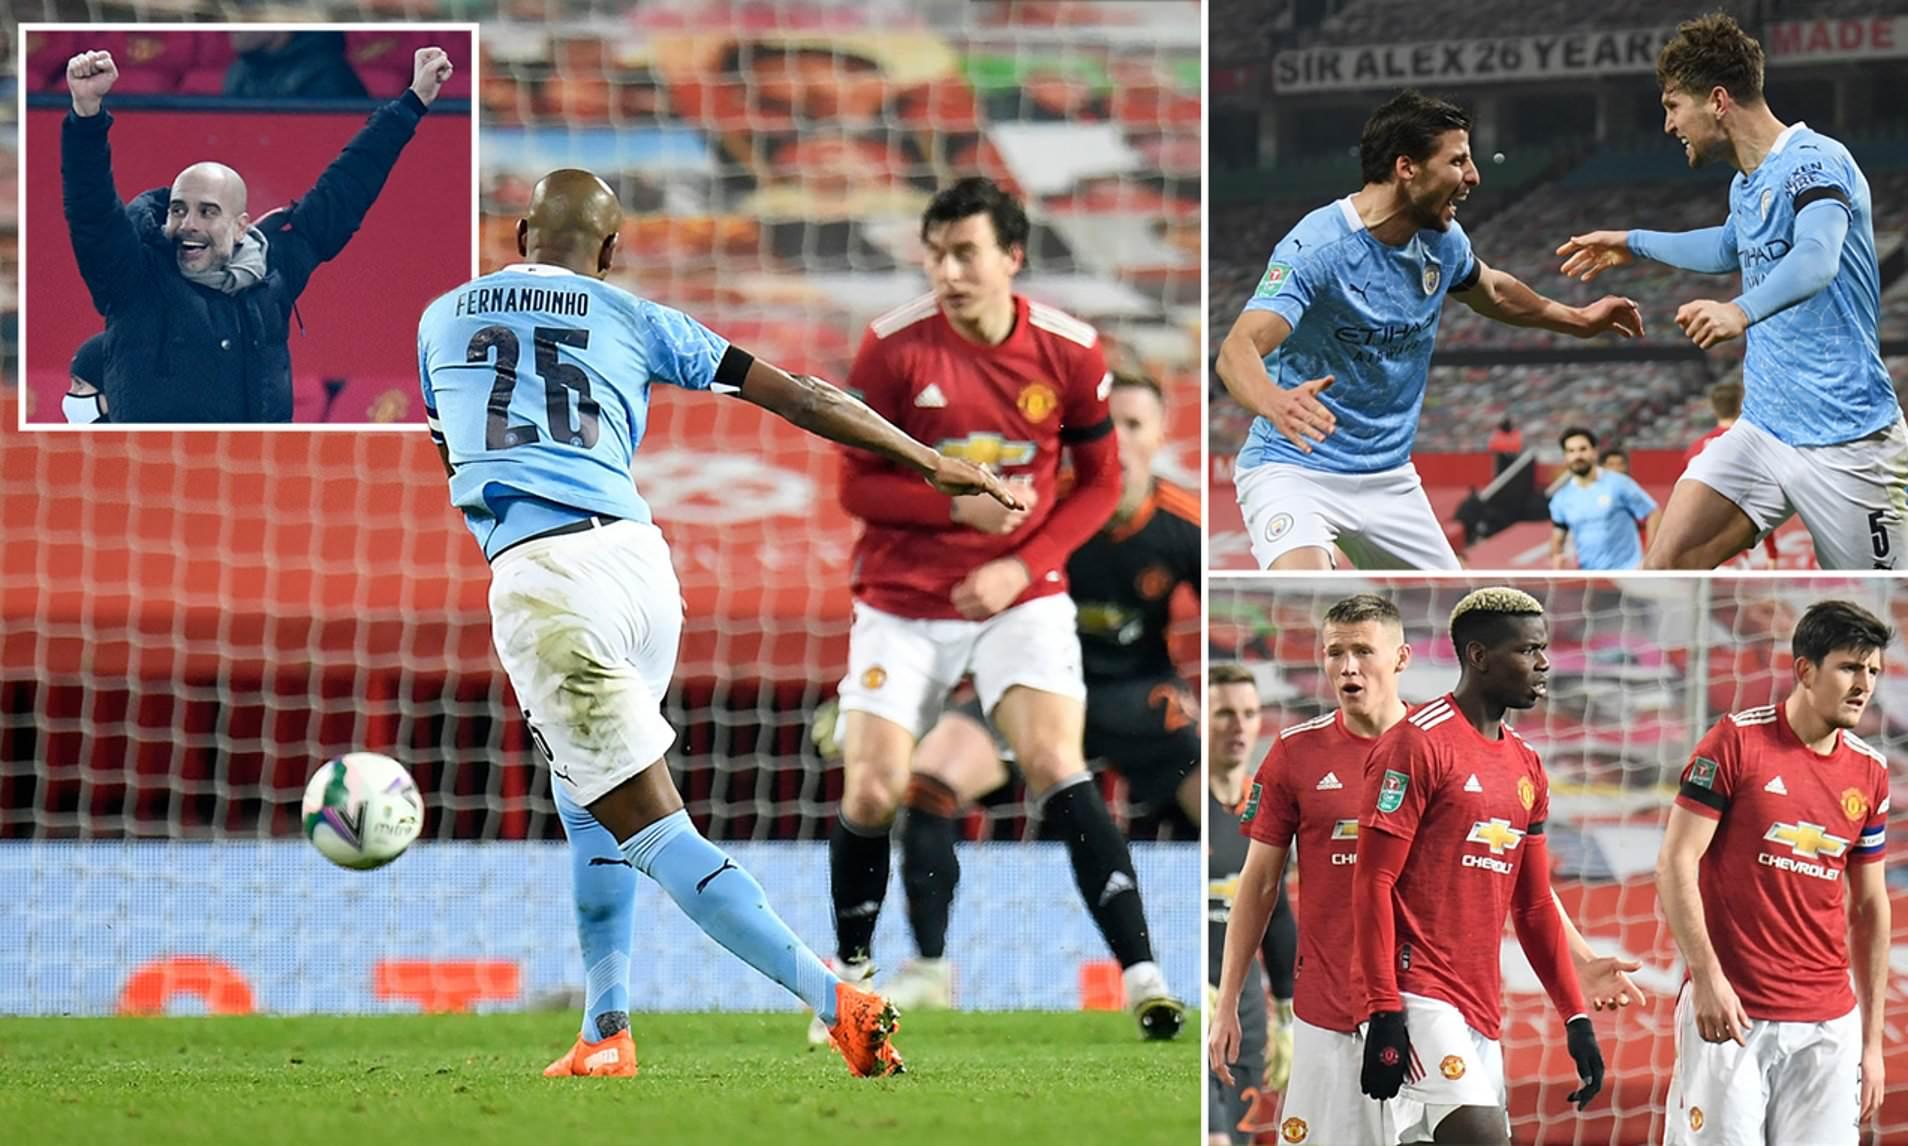 Đánh bại Man Utd, Man City bước vào chung kết Carabao Cup